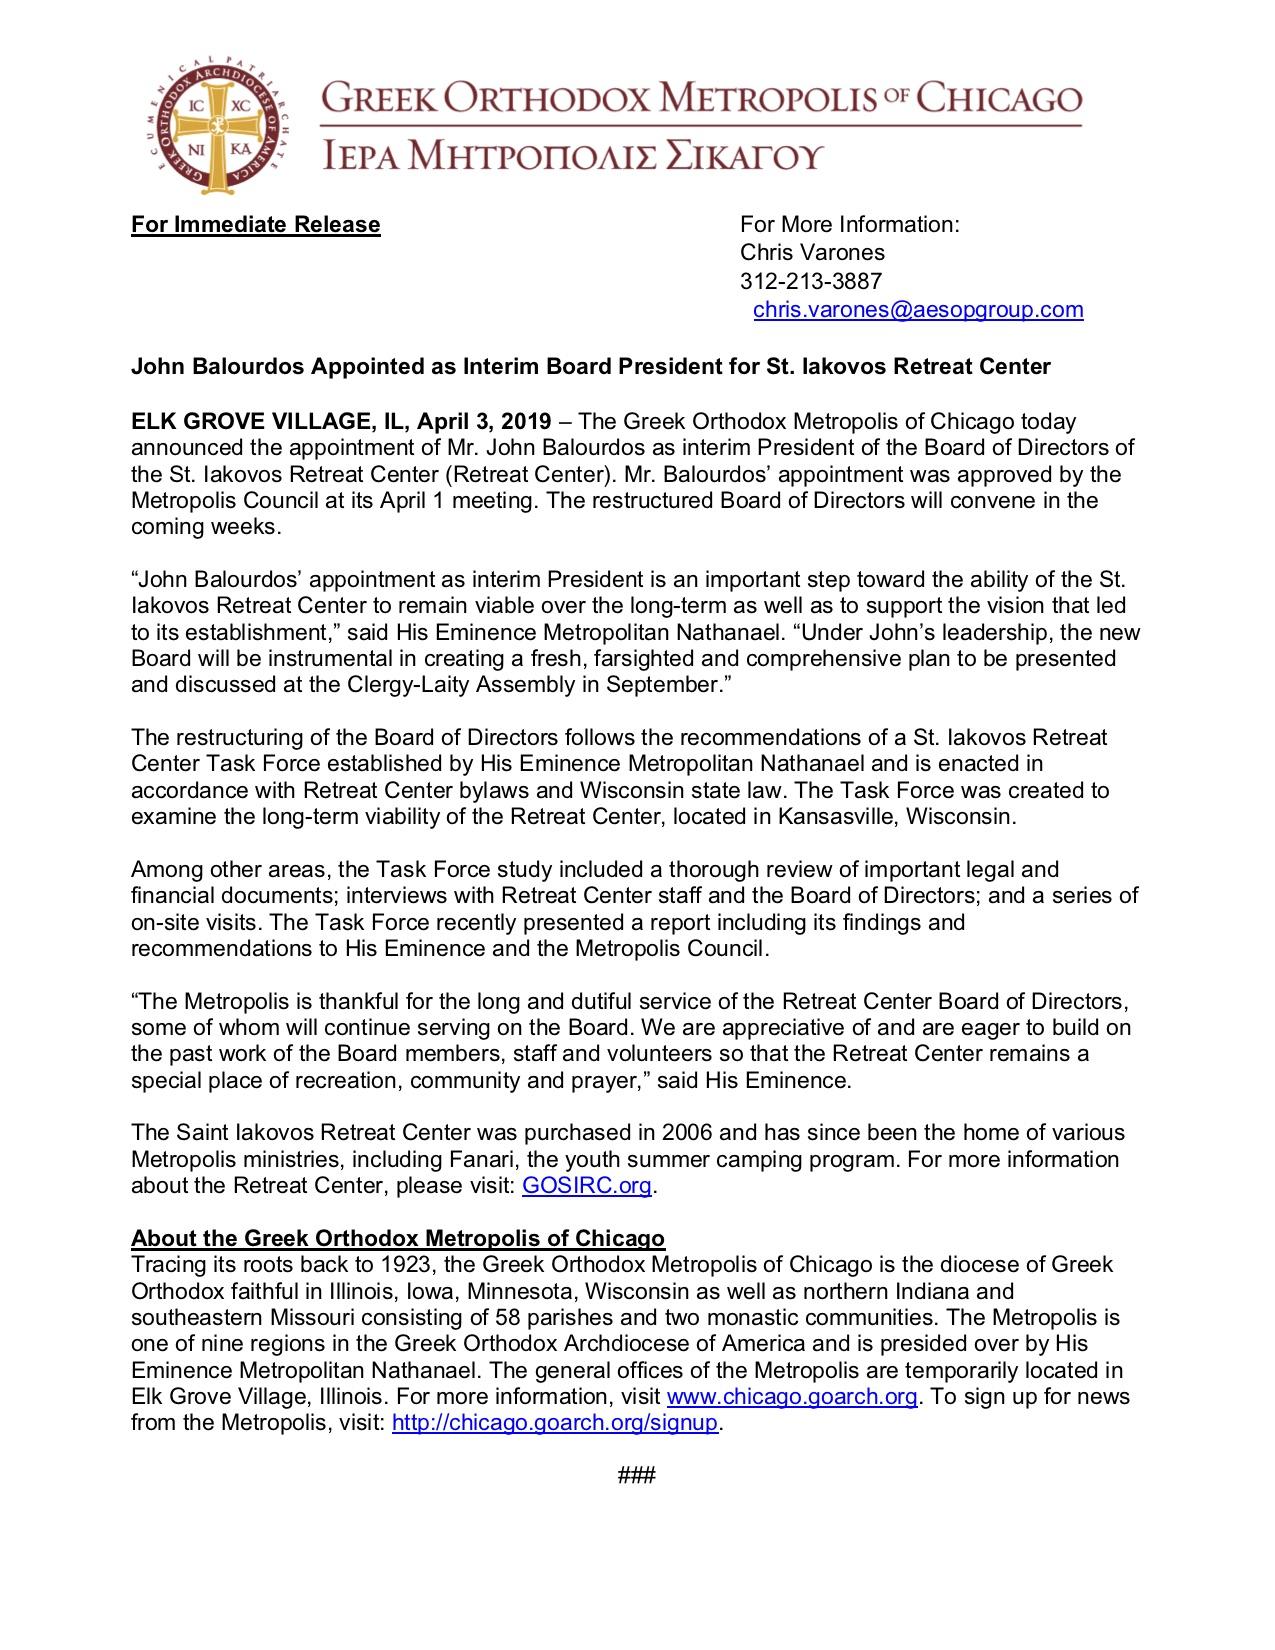 Balourdos SIRC Press Release - FINAL.jpg